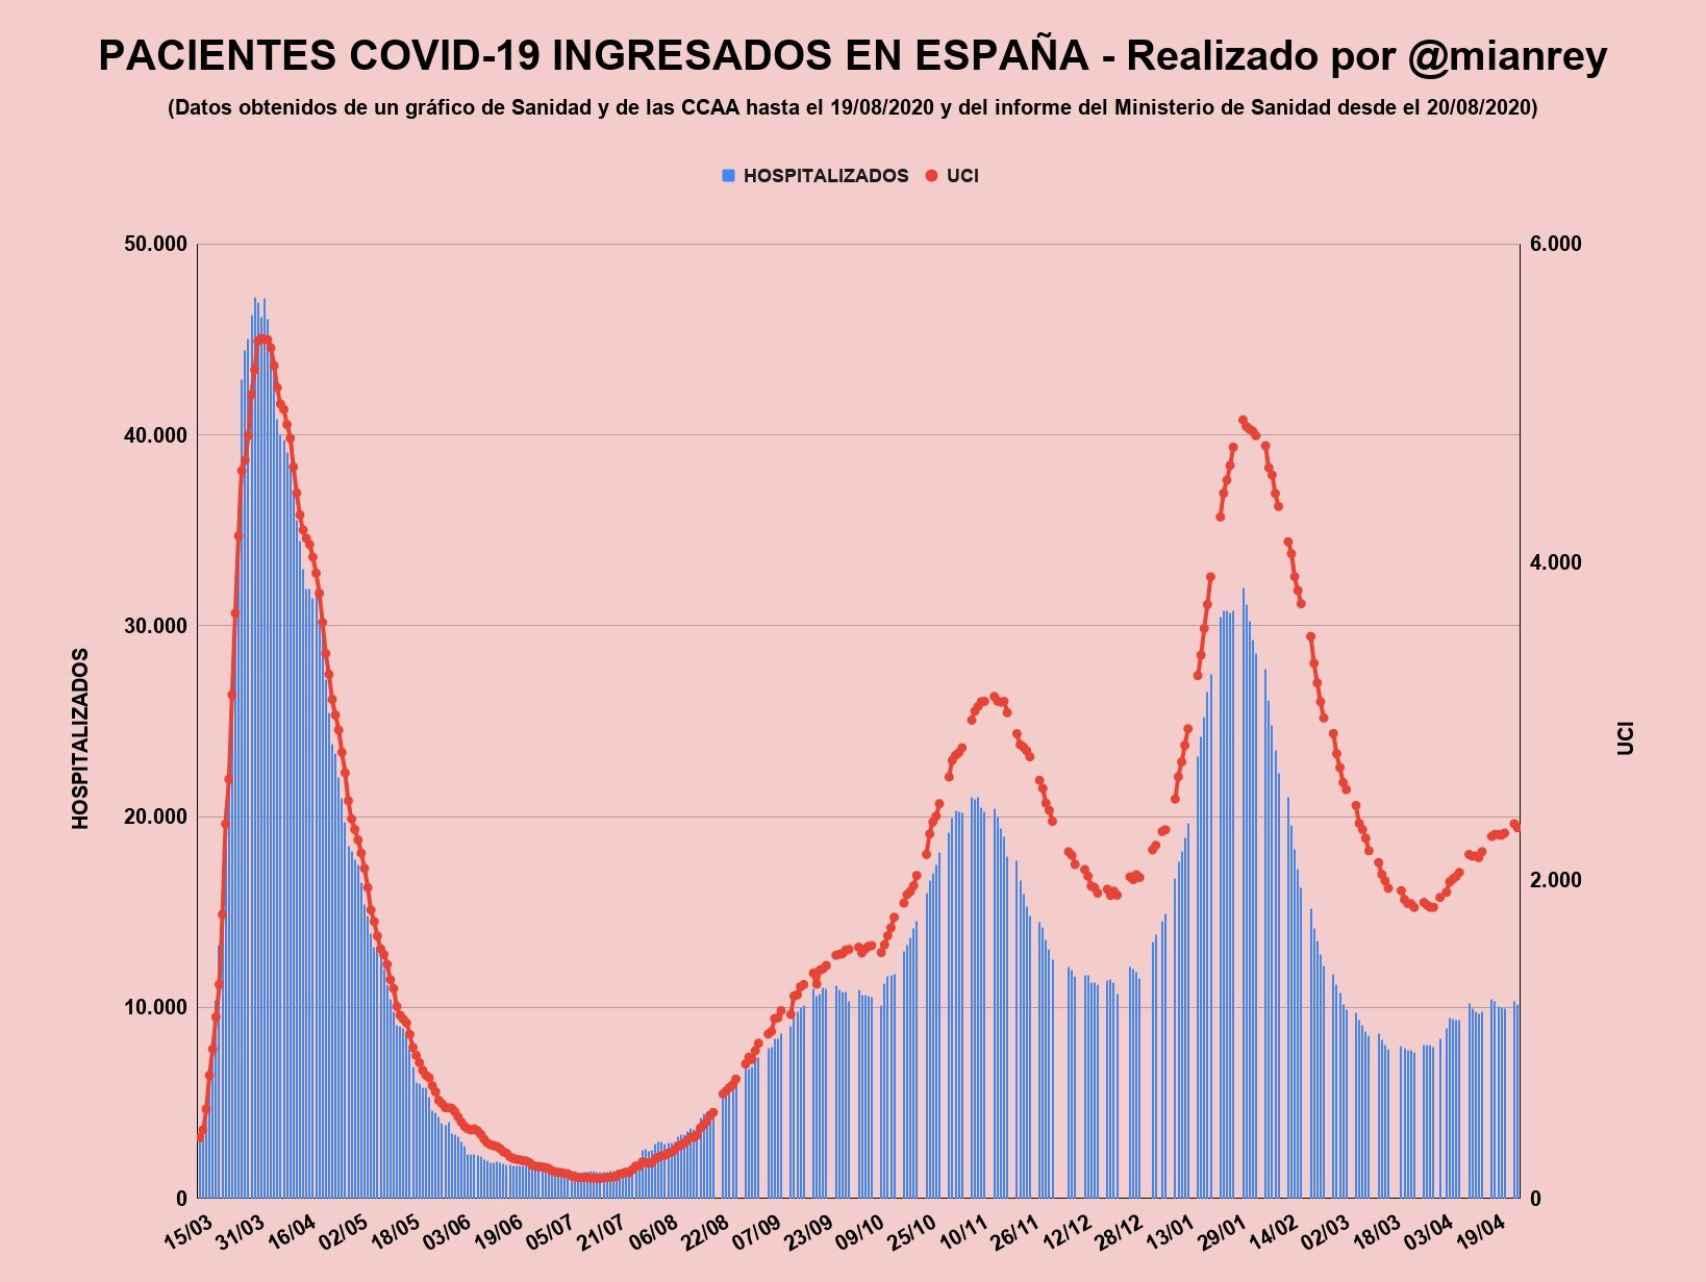 Pacientes Covid-19 ingresados en hospitales españoles.